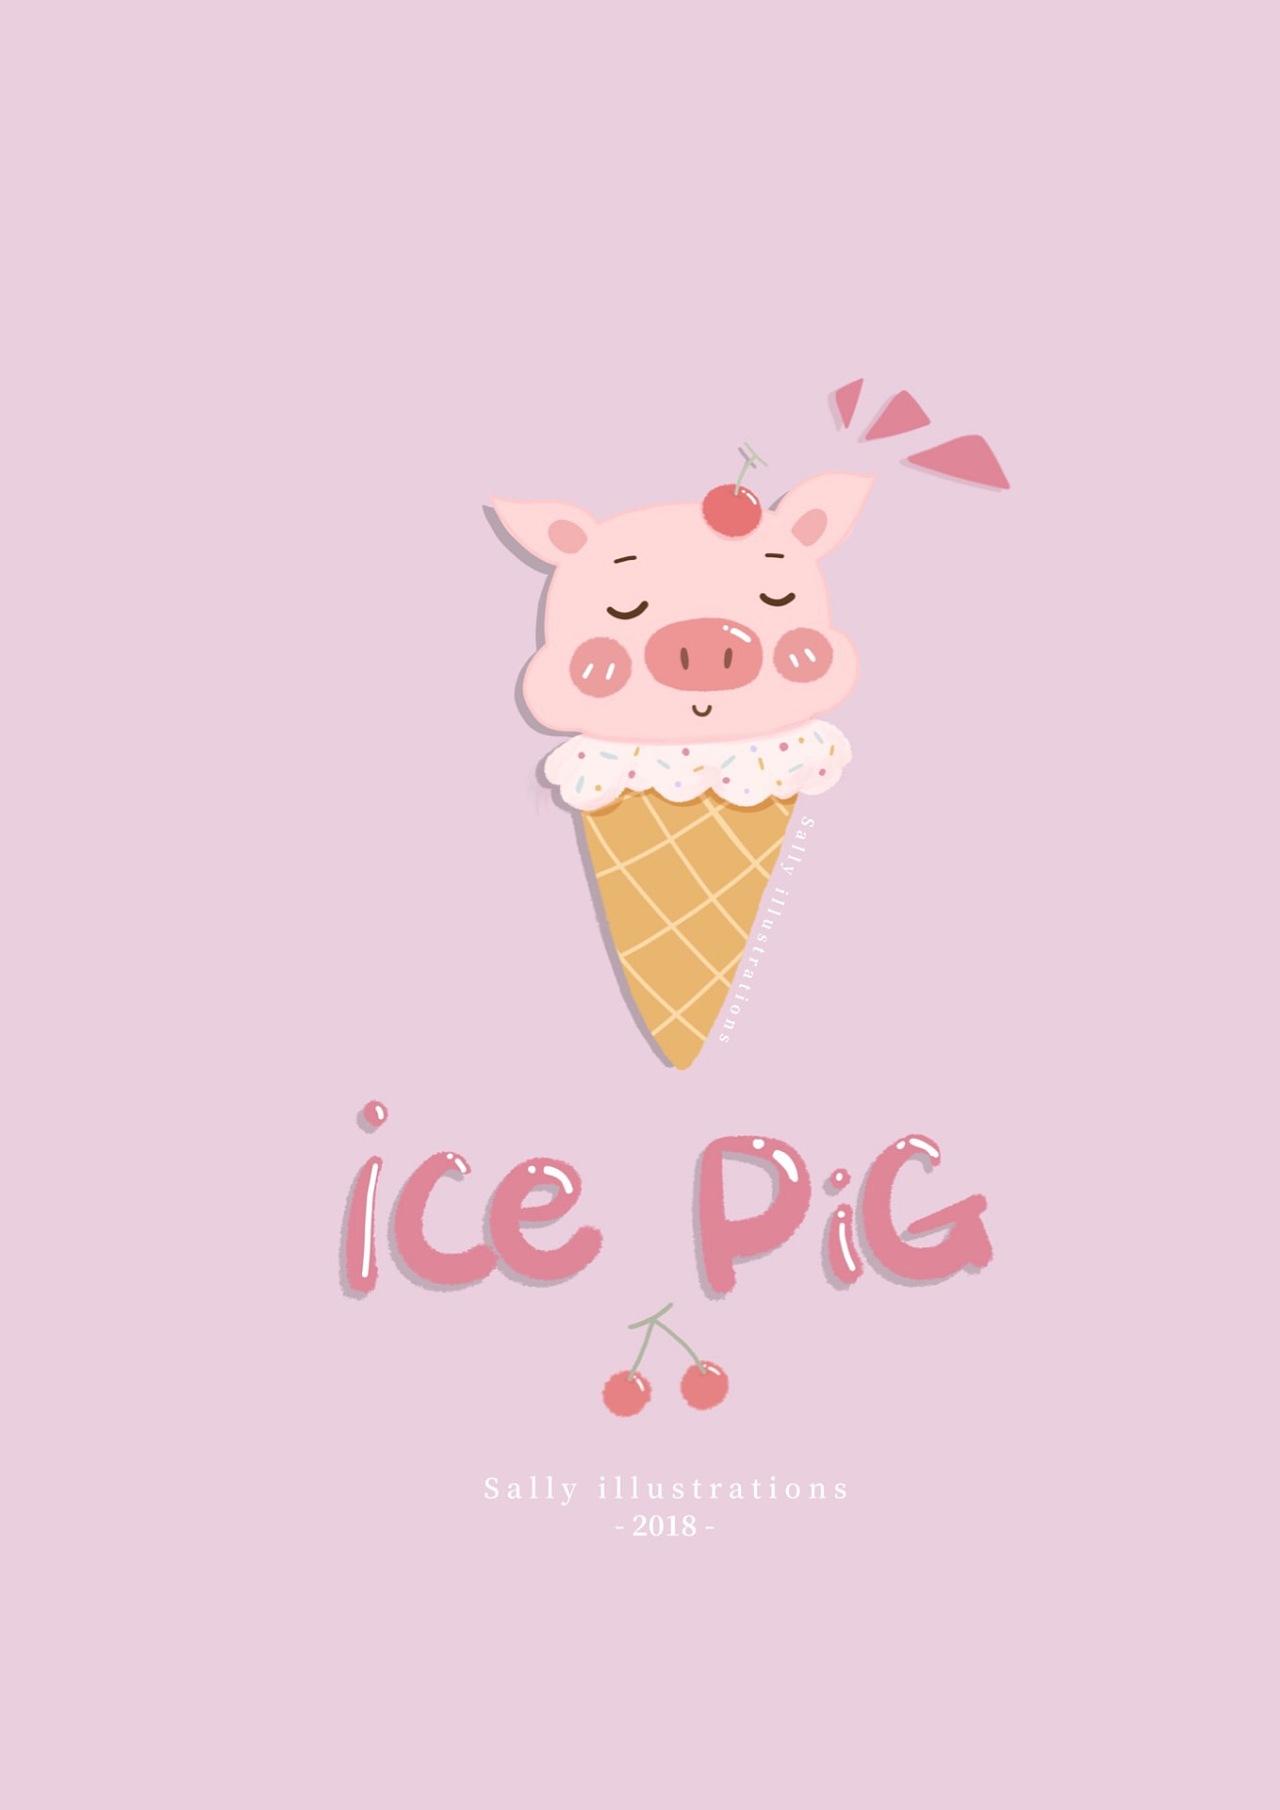 甜筒猪|插画|商业插画|一点也不萌萌哒了 - 原创作品